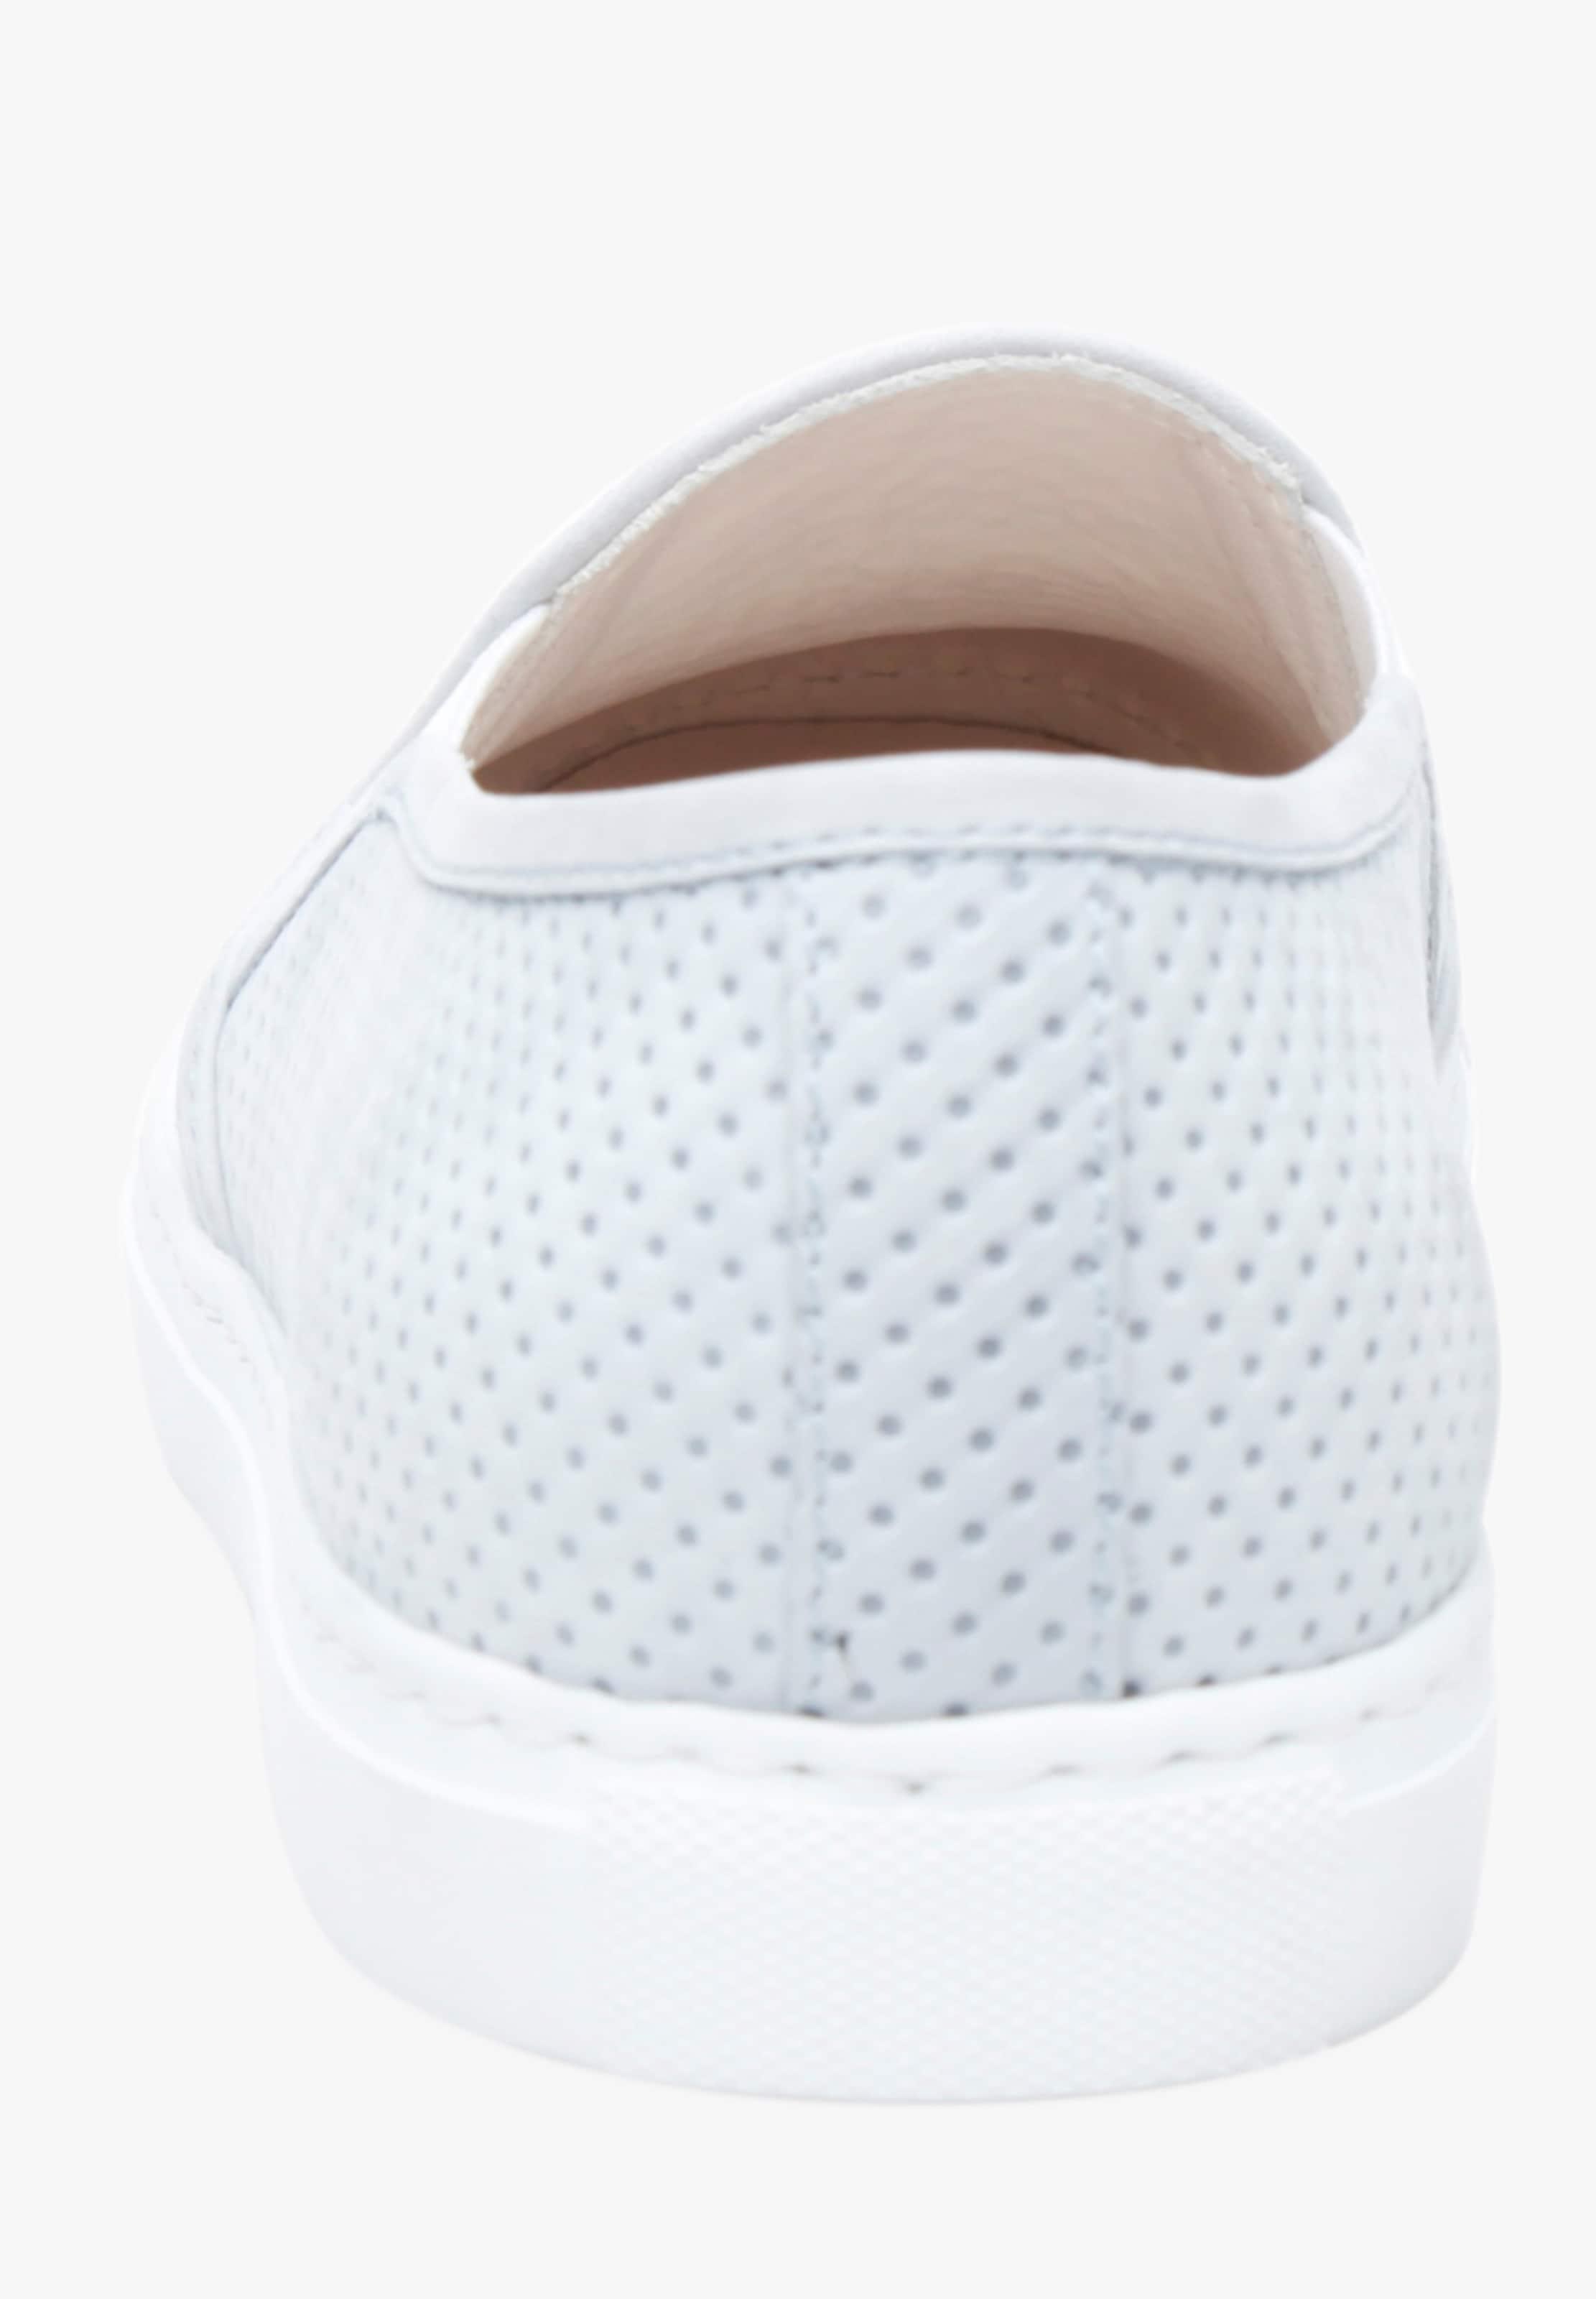 SchuhePASSION SchuhePASSION SchuhePASSION Turnschuhe 'No. 91 WS Leder Großer Rabatt 5b44a6